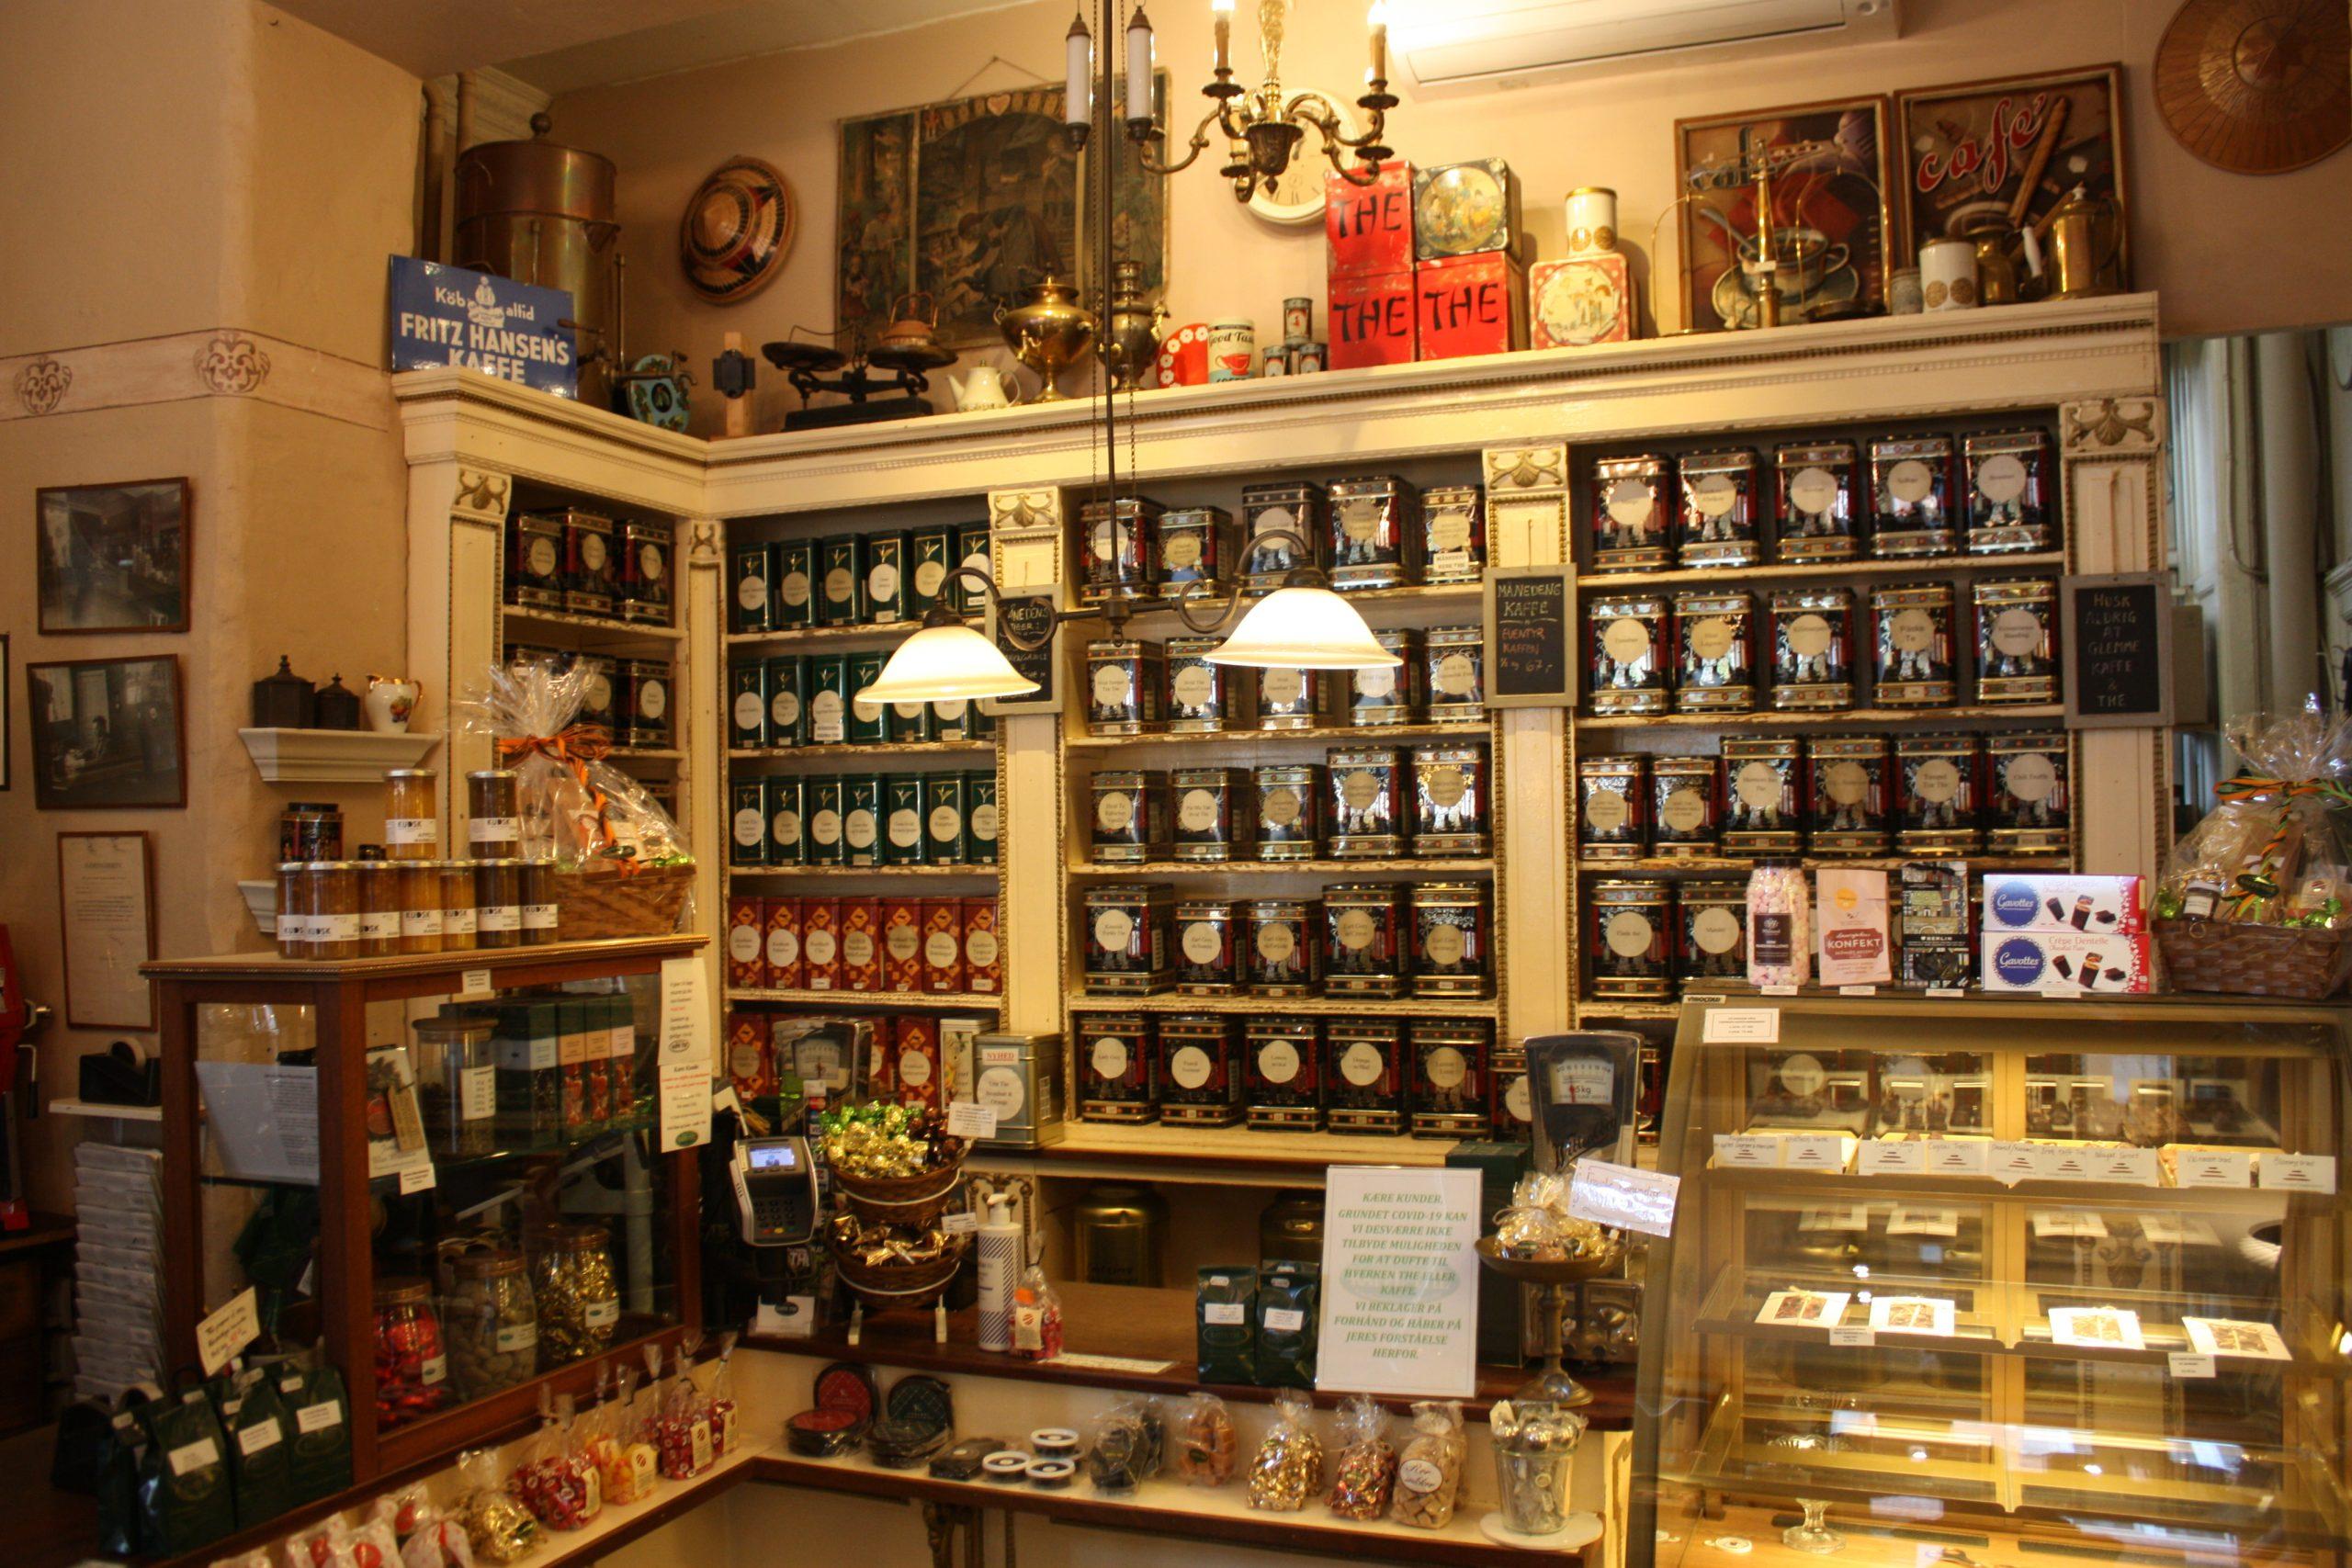 Hold varmen: Her finder du 3 skønne te-butikker i Aarhus